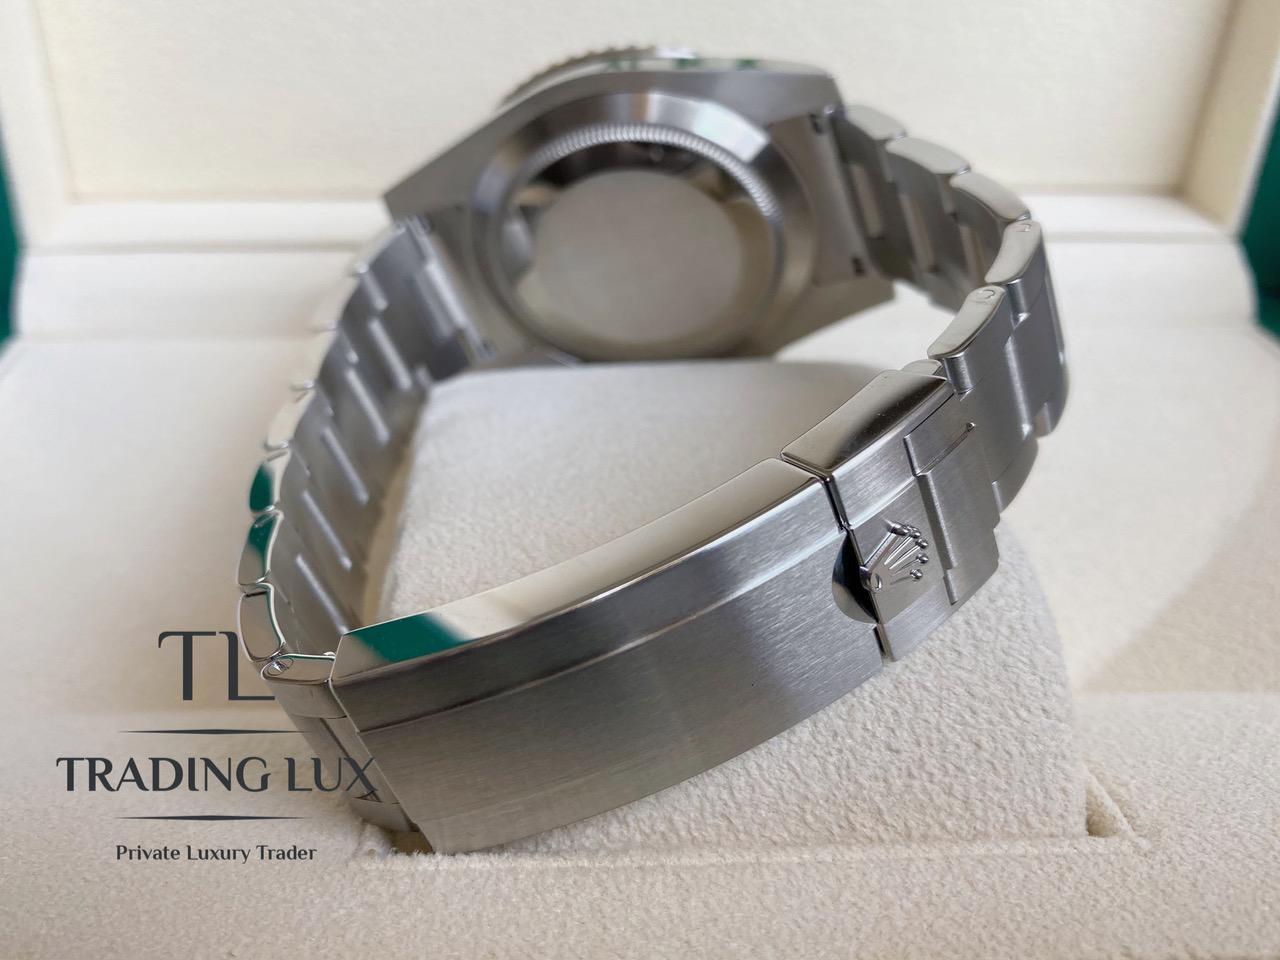 Rolex-Submariner-114060-6